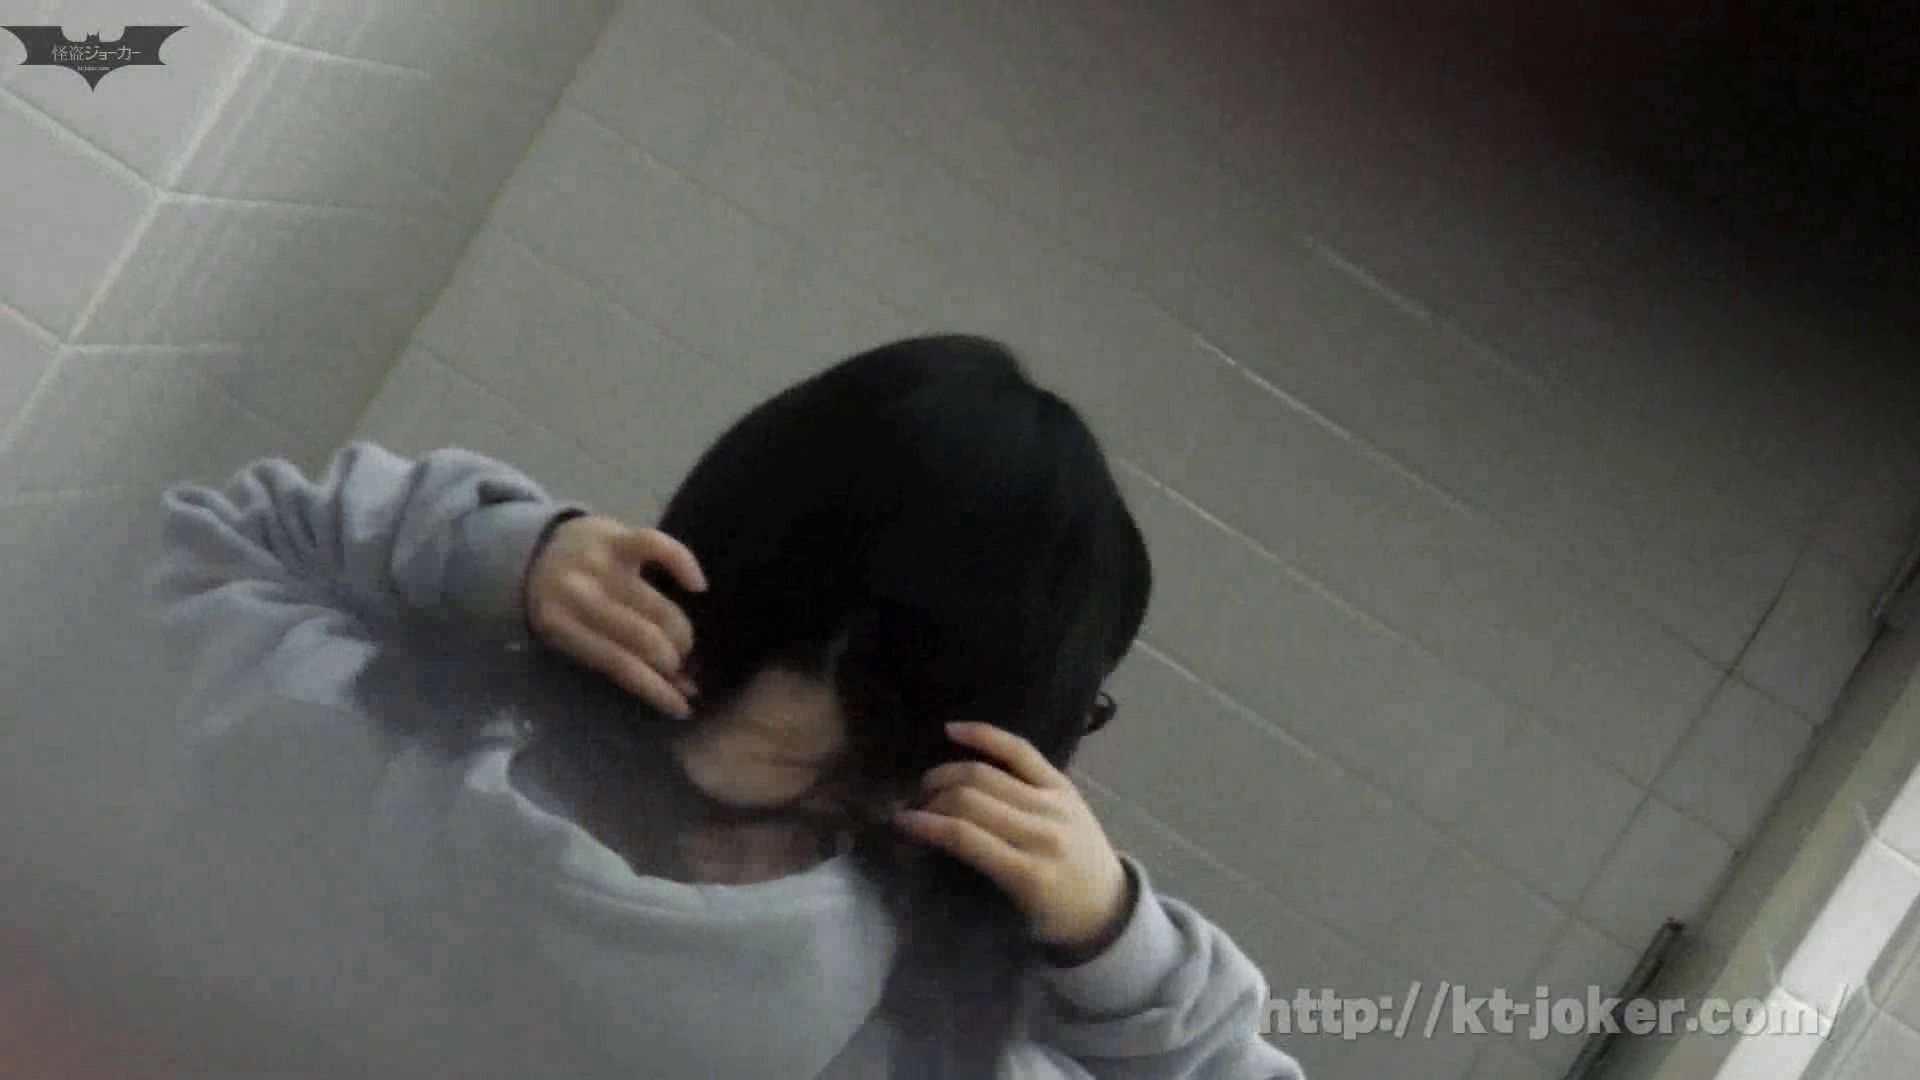 命がけ潜伏洗面所! vol.56 ピンチ!!「鏡の前で祈る女性」にばれる危機 美しいOLの裸体 われめAV動画紹介 105pic 83